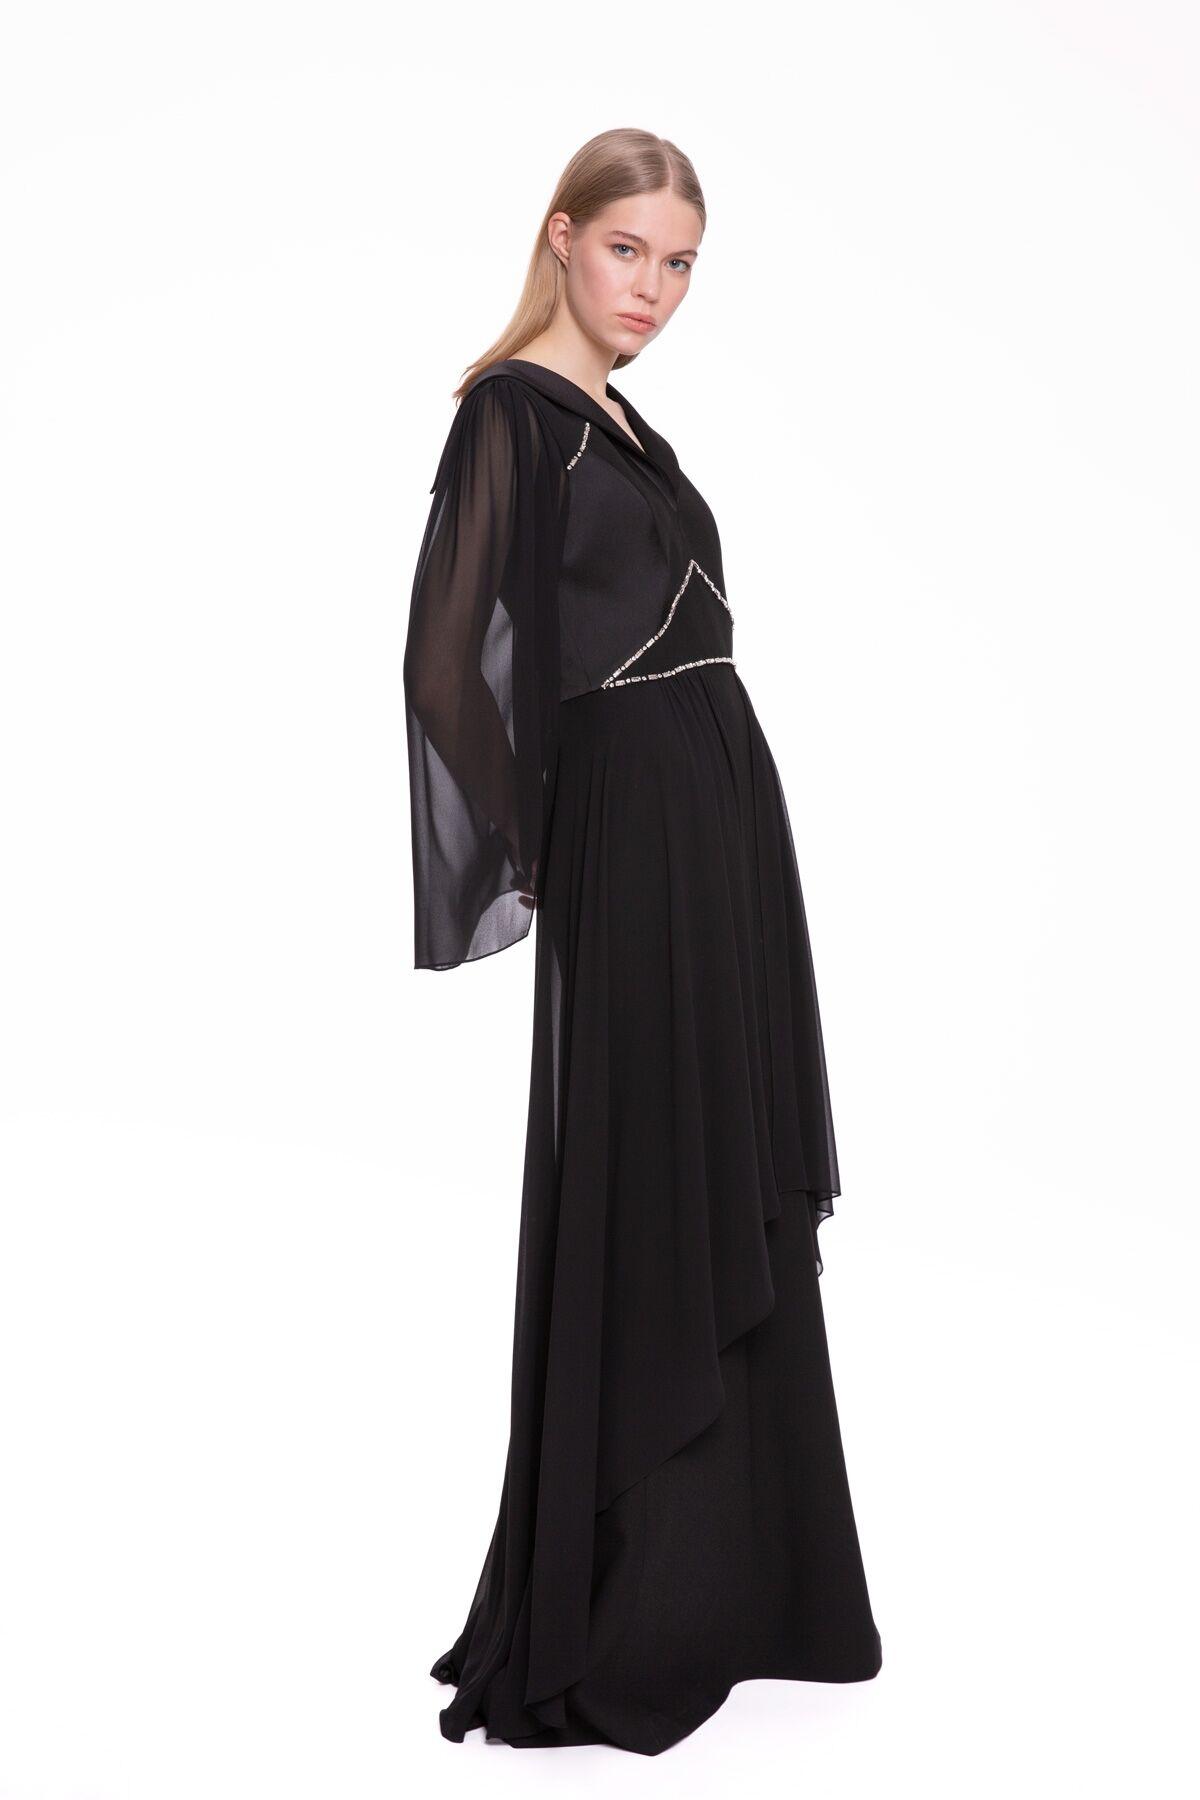 Taş İşlemeli, Kolları Şifon Siyah Uzun Elbise